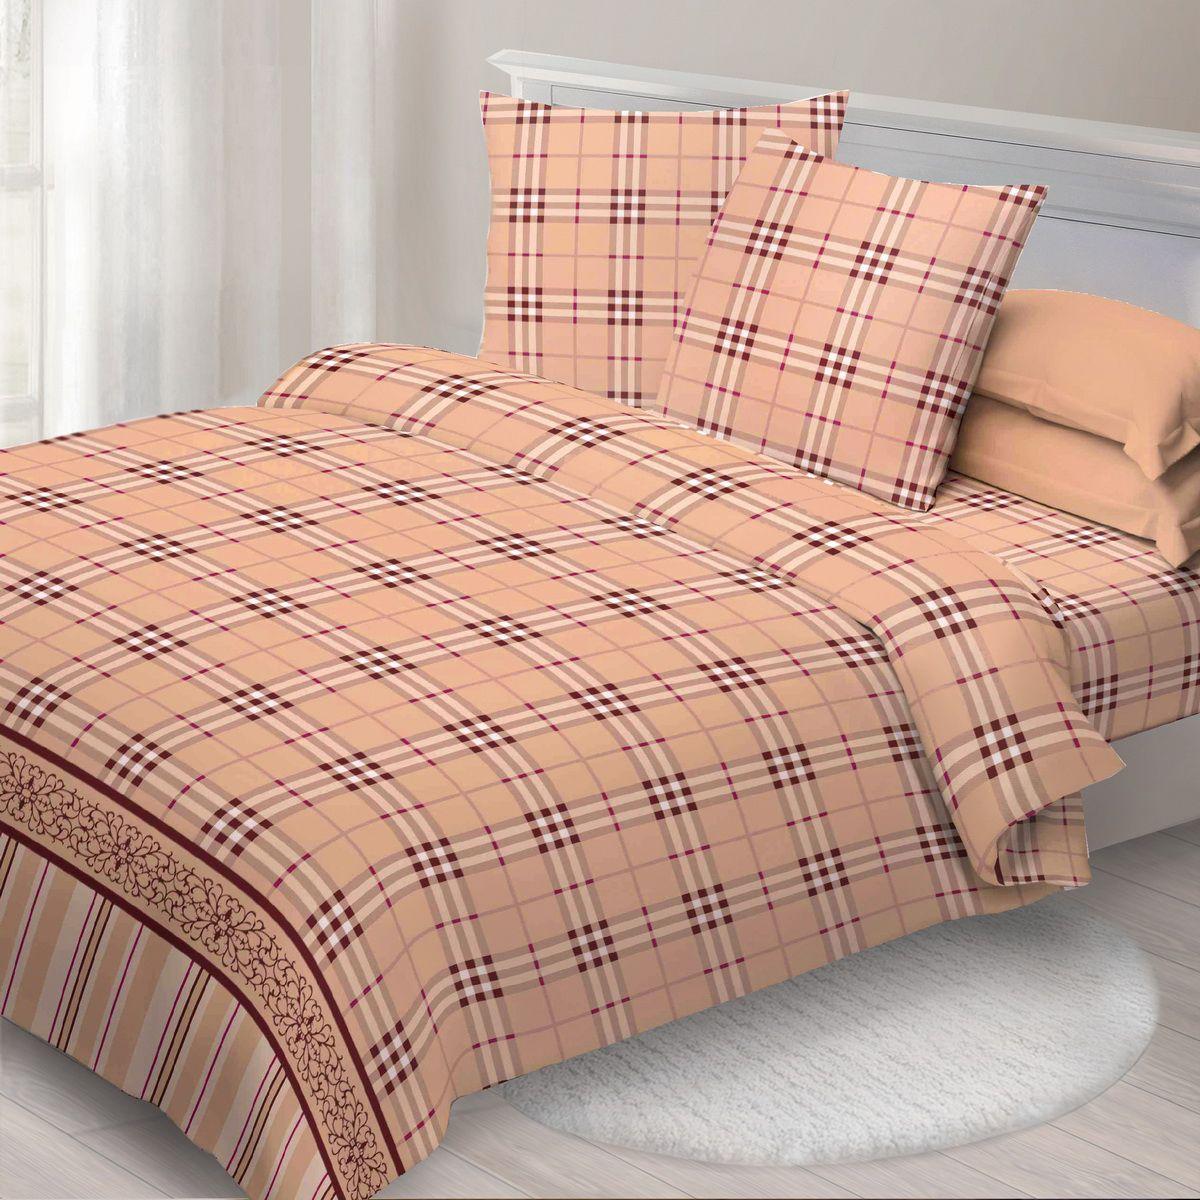 Комплект белья Спал Спалыч Хайленд, 1,5-спальное, наволочки 70x70, цвет: коричневый недорогое